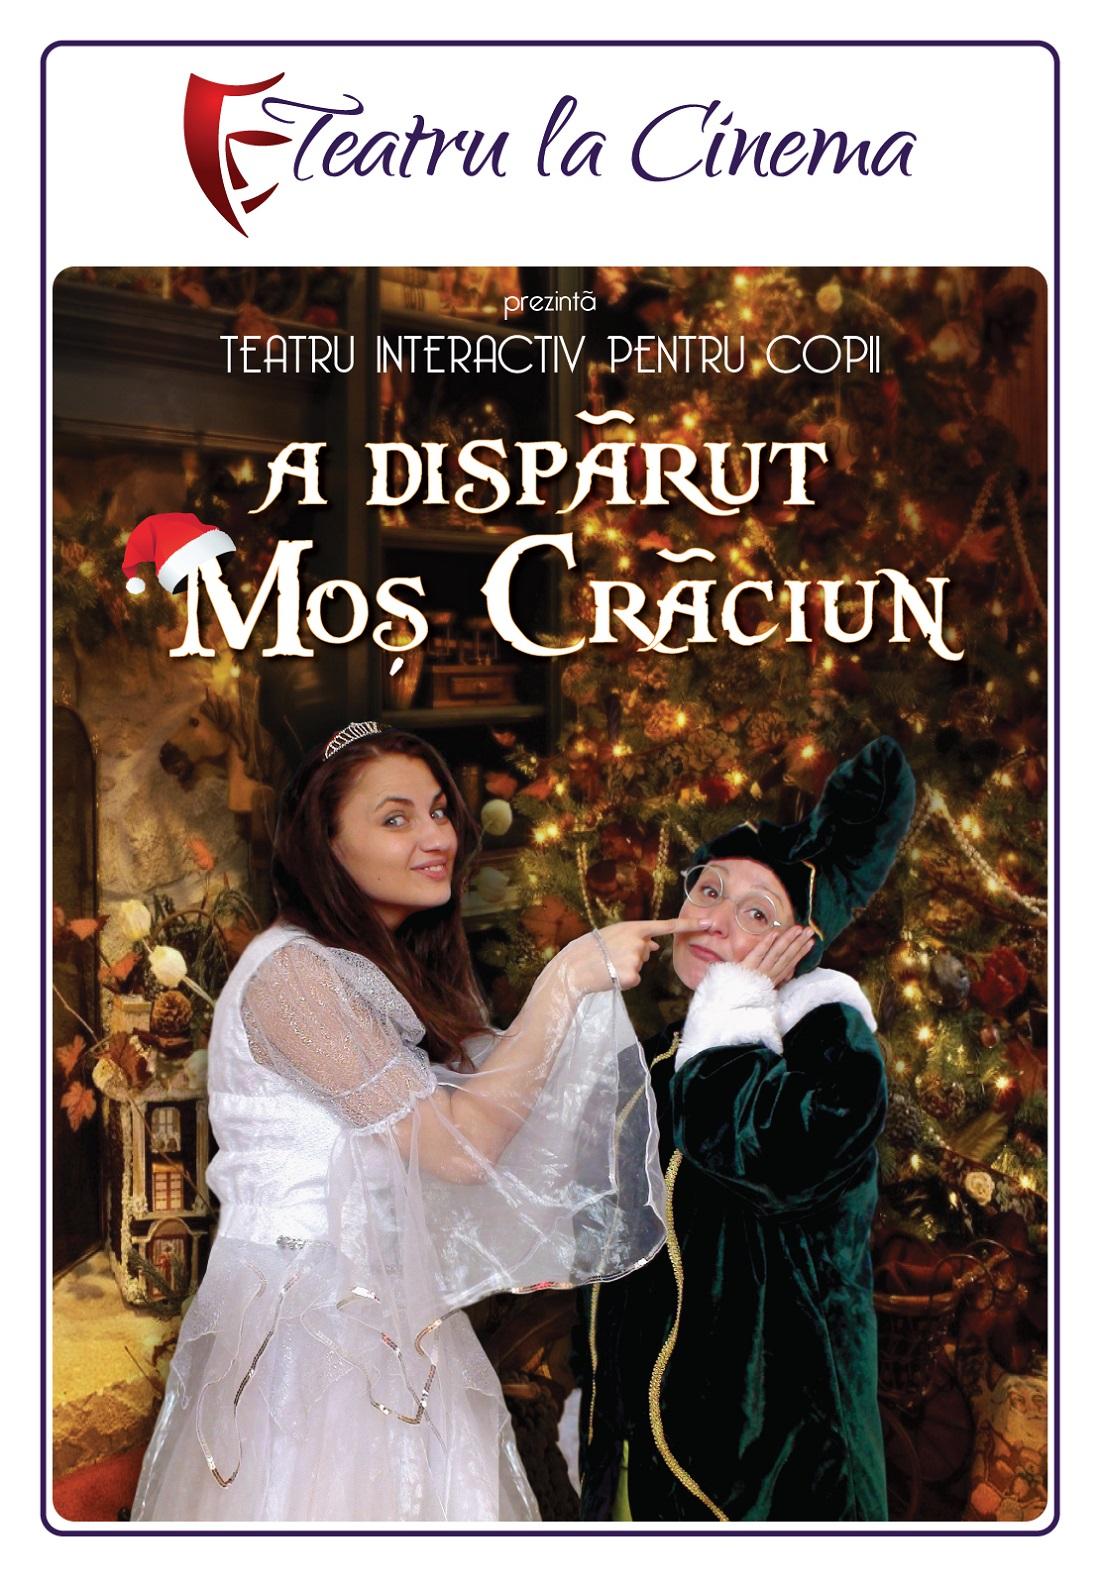 A dispărut Moș Crăciun – la Teatru la Cinema din PlazaRomania